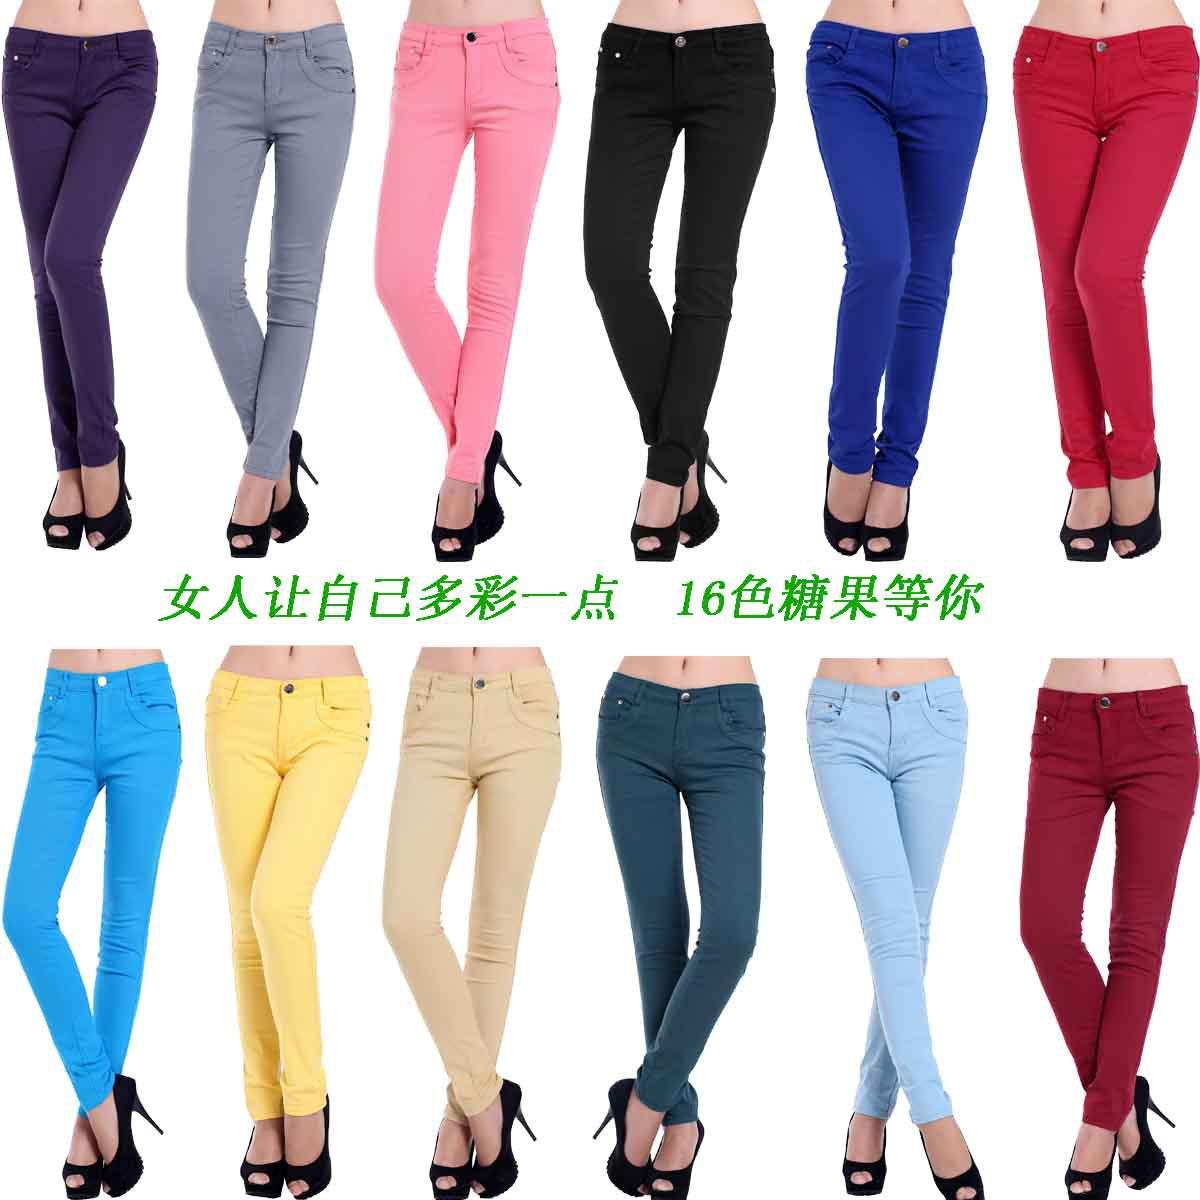 Женские брюки Длинные брюки Узкие брюки-карандаши Гламурный стиль Другое Пуговицы